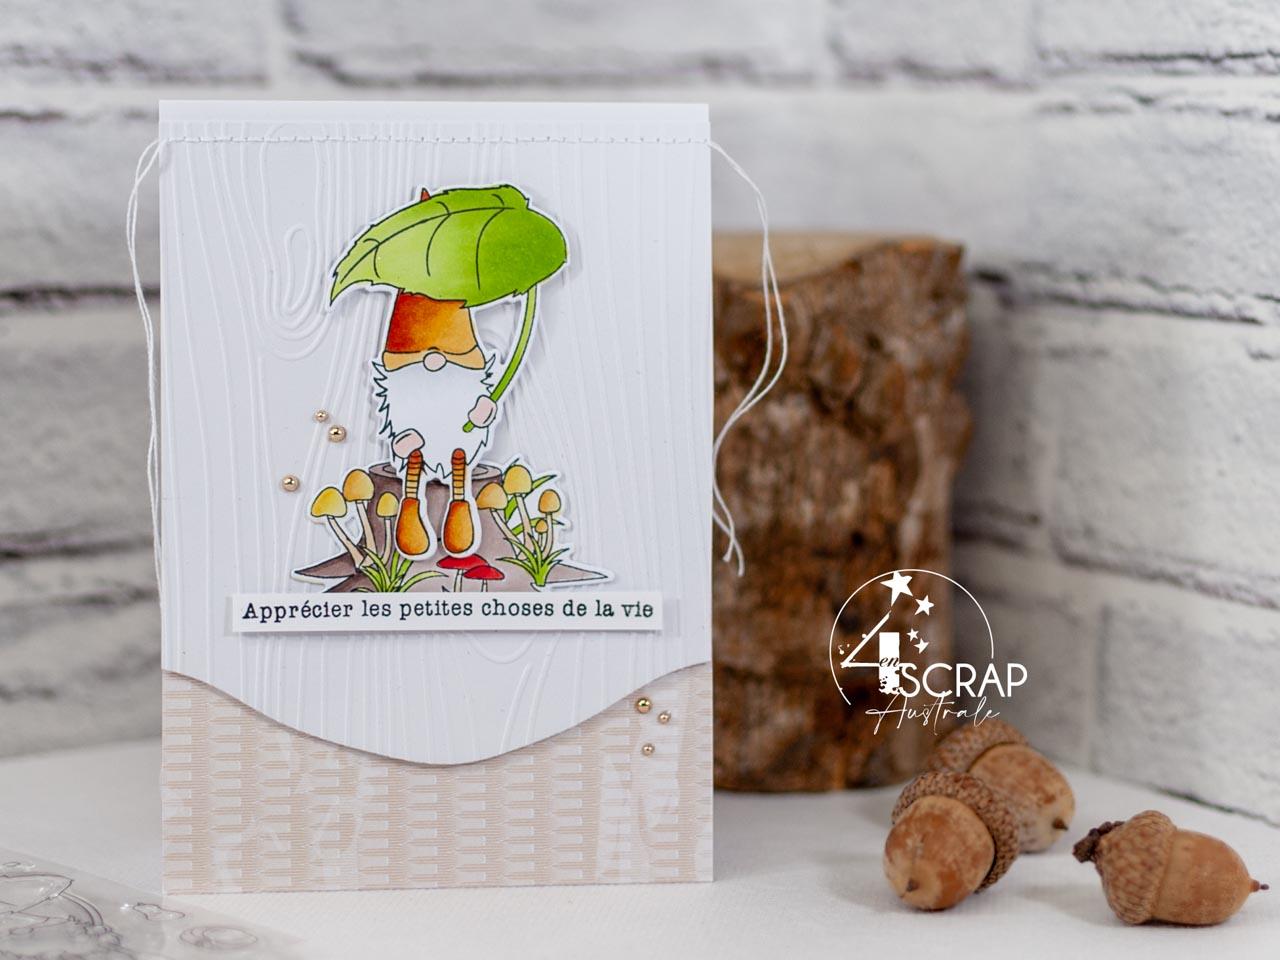 Création d'une carte d'automne avec un adorable petit lutin des bois assis sur un tronc d'arbre avec une feuille pour se protéger de la pluie.